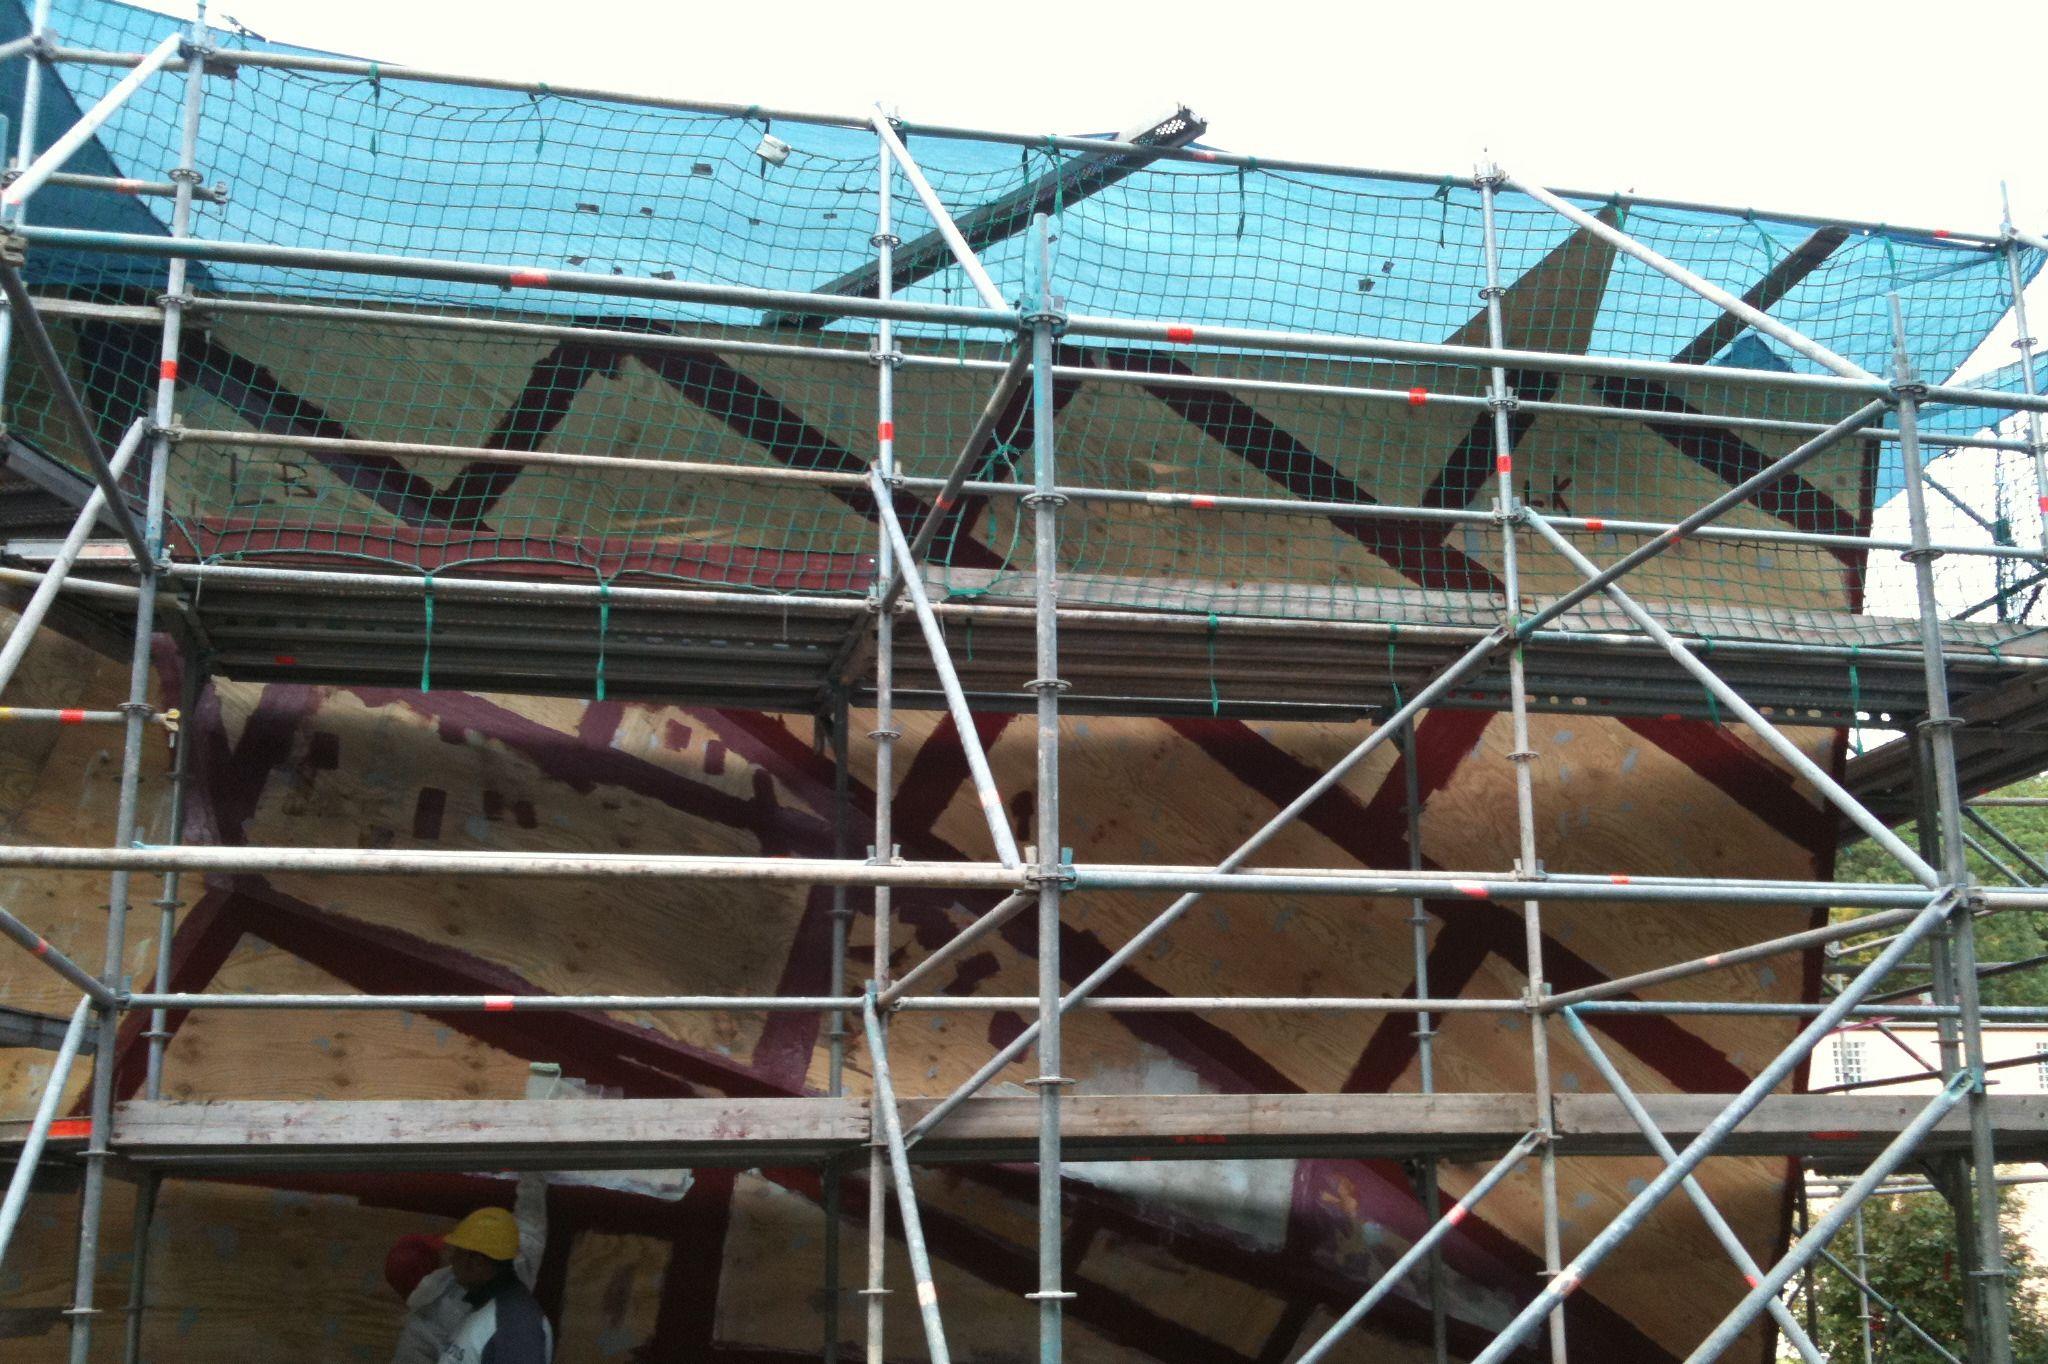 Roofing: Salz Simulatorgebäude